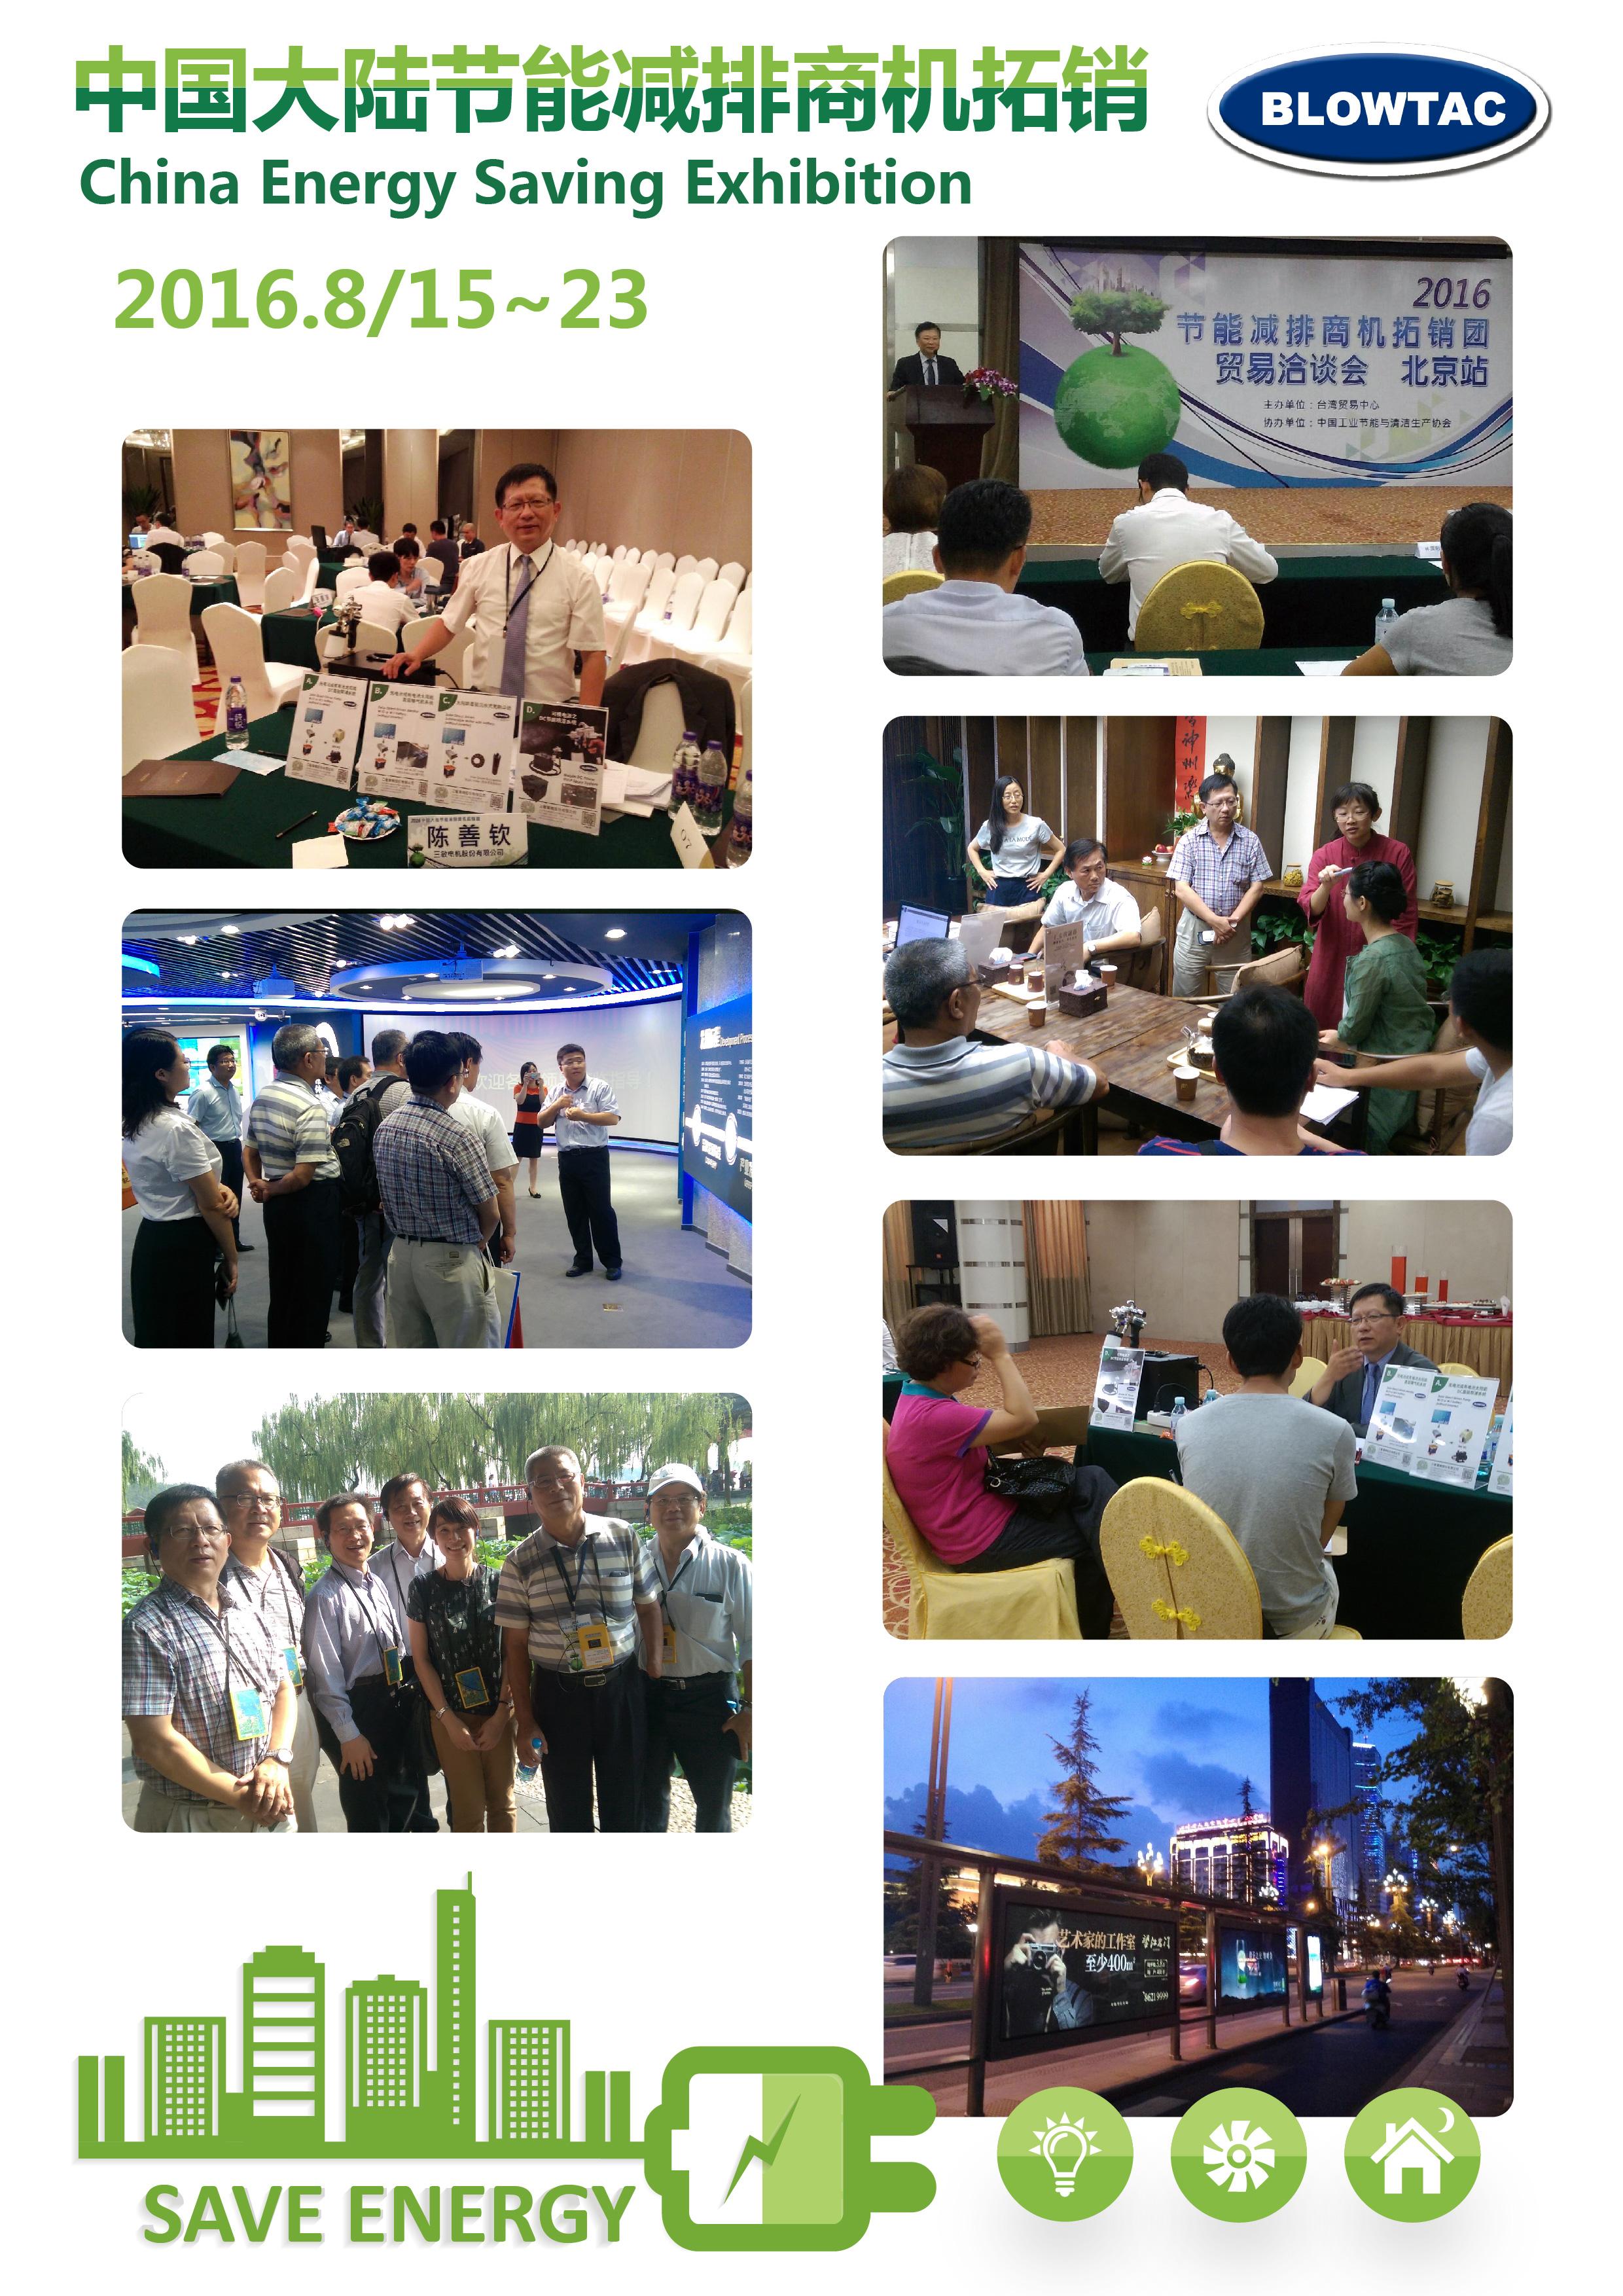 2016.8/15-23參加中國大陸節能減排商機拓銷展覽